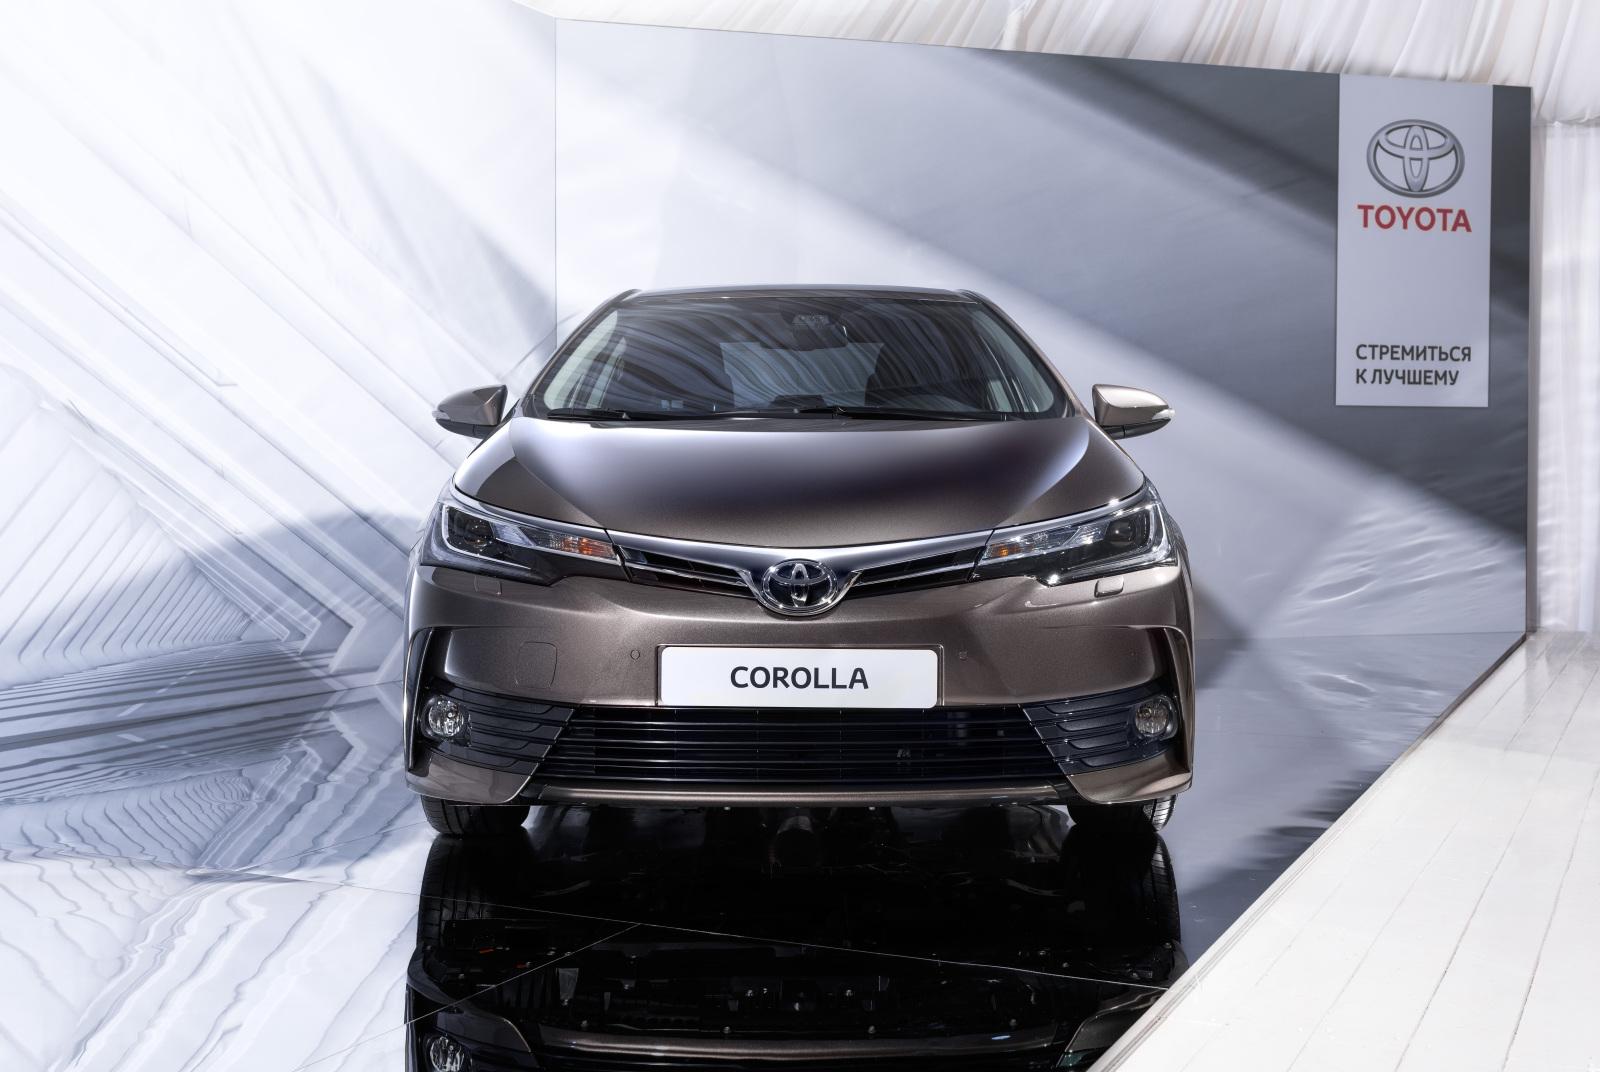 Продажи Toyota Corolla 2016 стартуют в течение лета